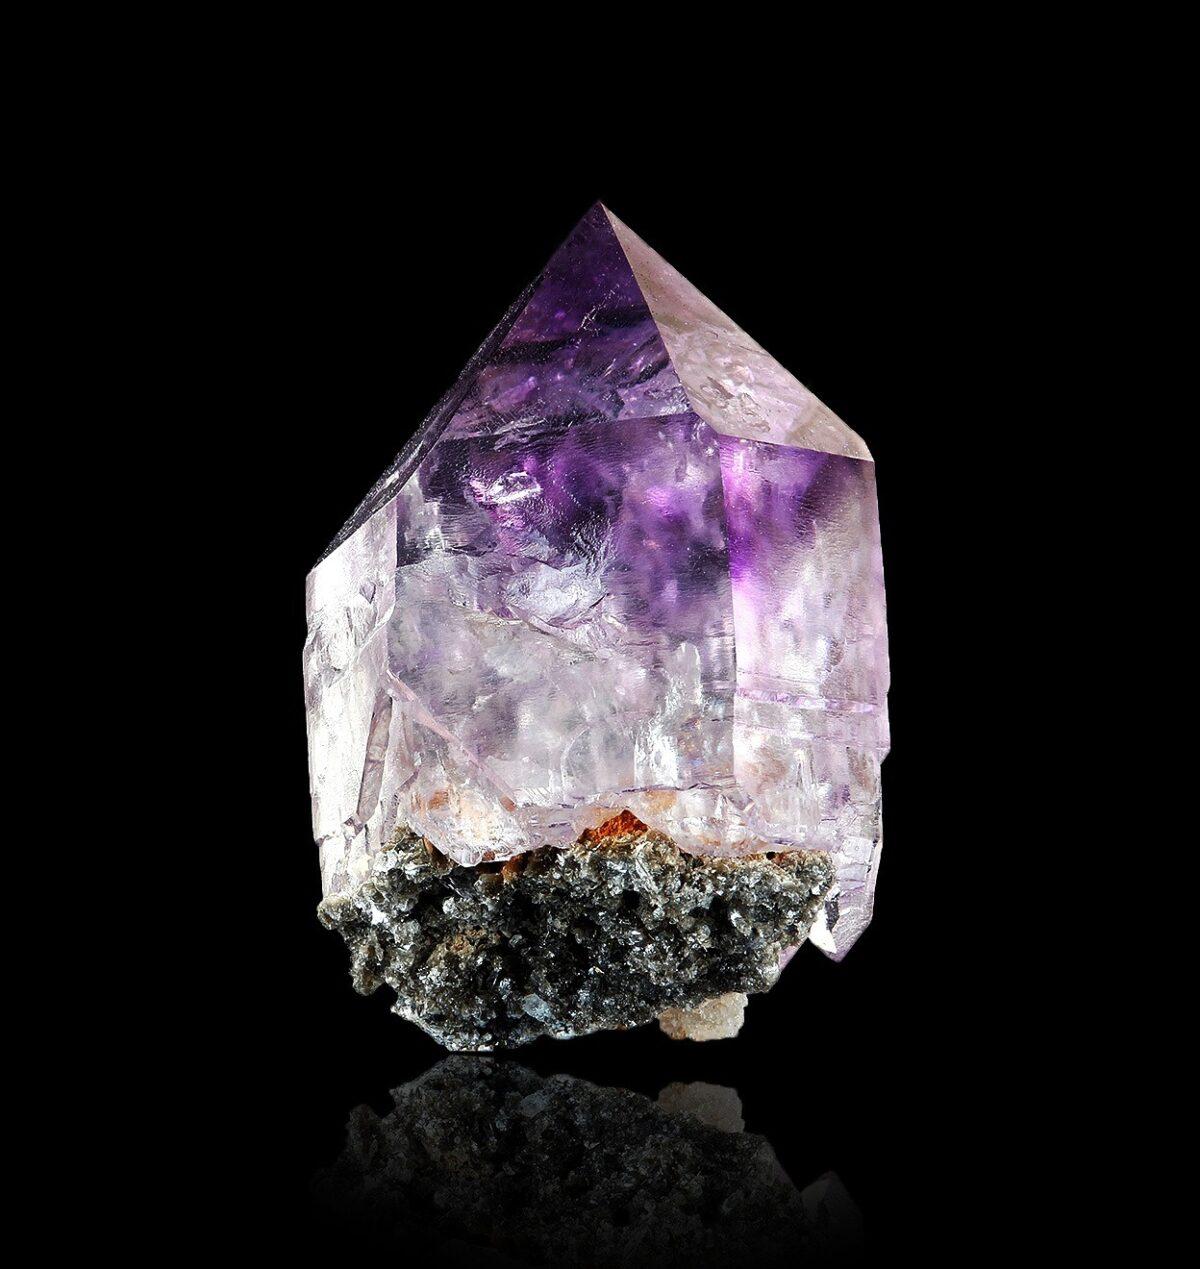 Amethyst from Saurüssel, Tyrol, Austria